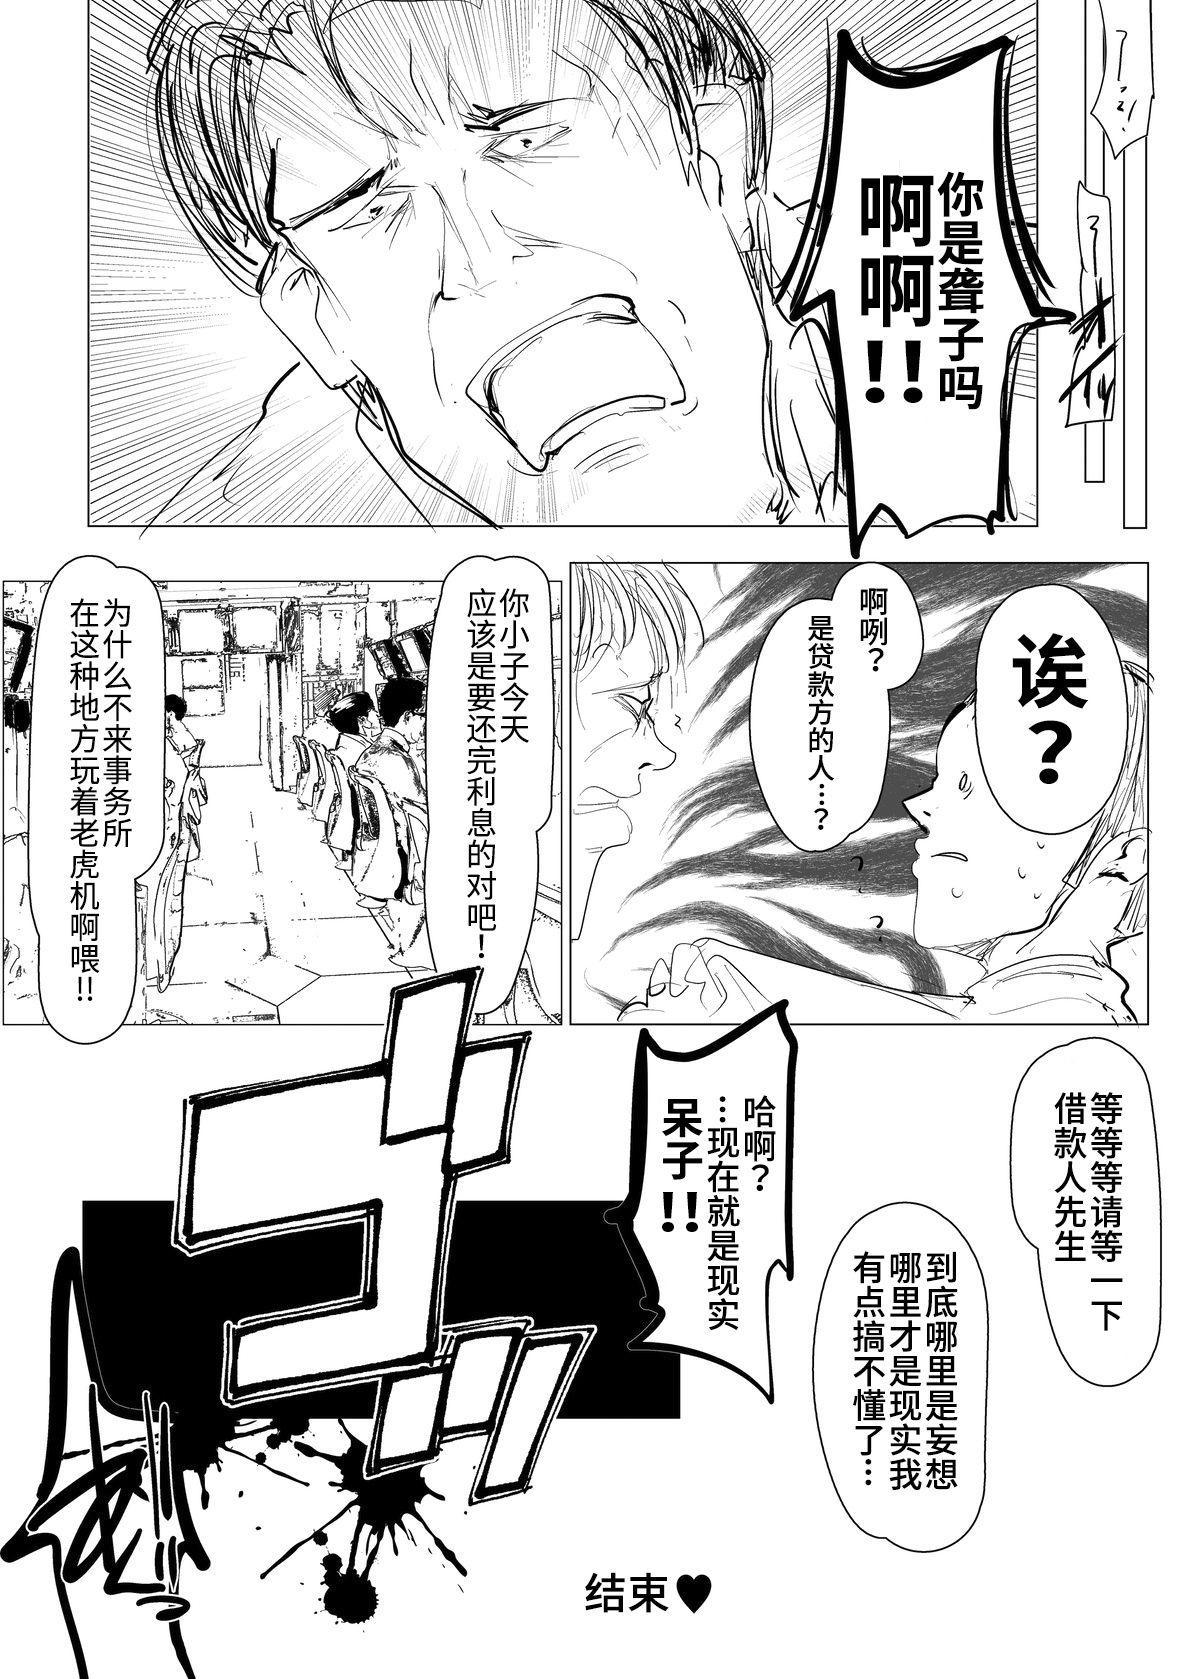 Re: Zero kara Hajimeru PachiSlot Seikatsu 14